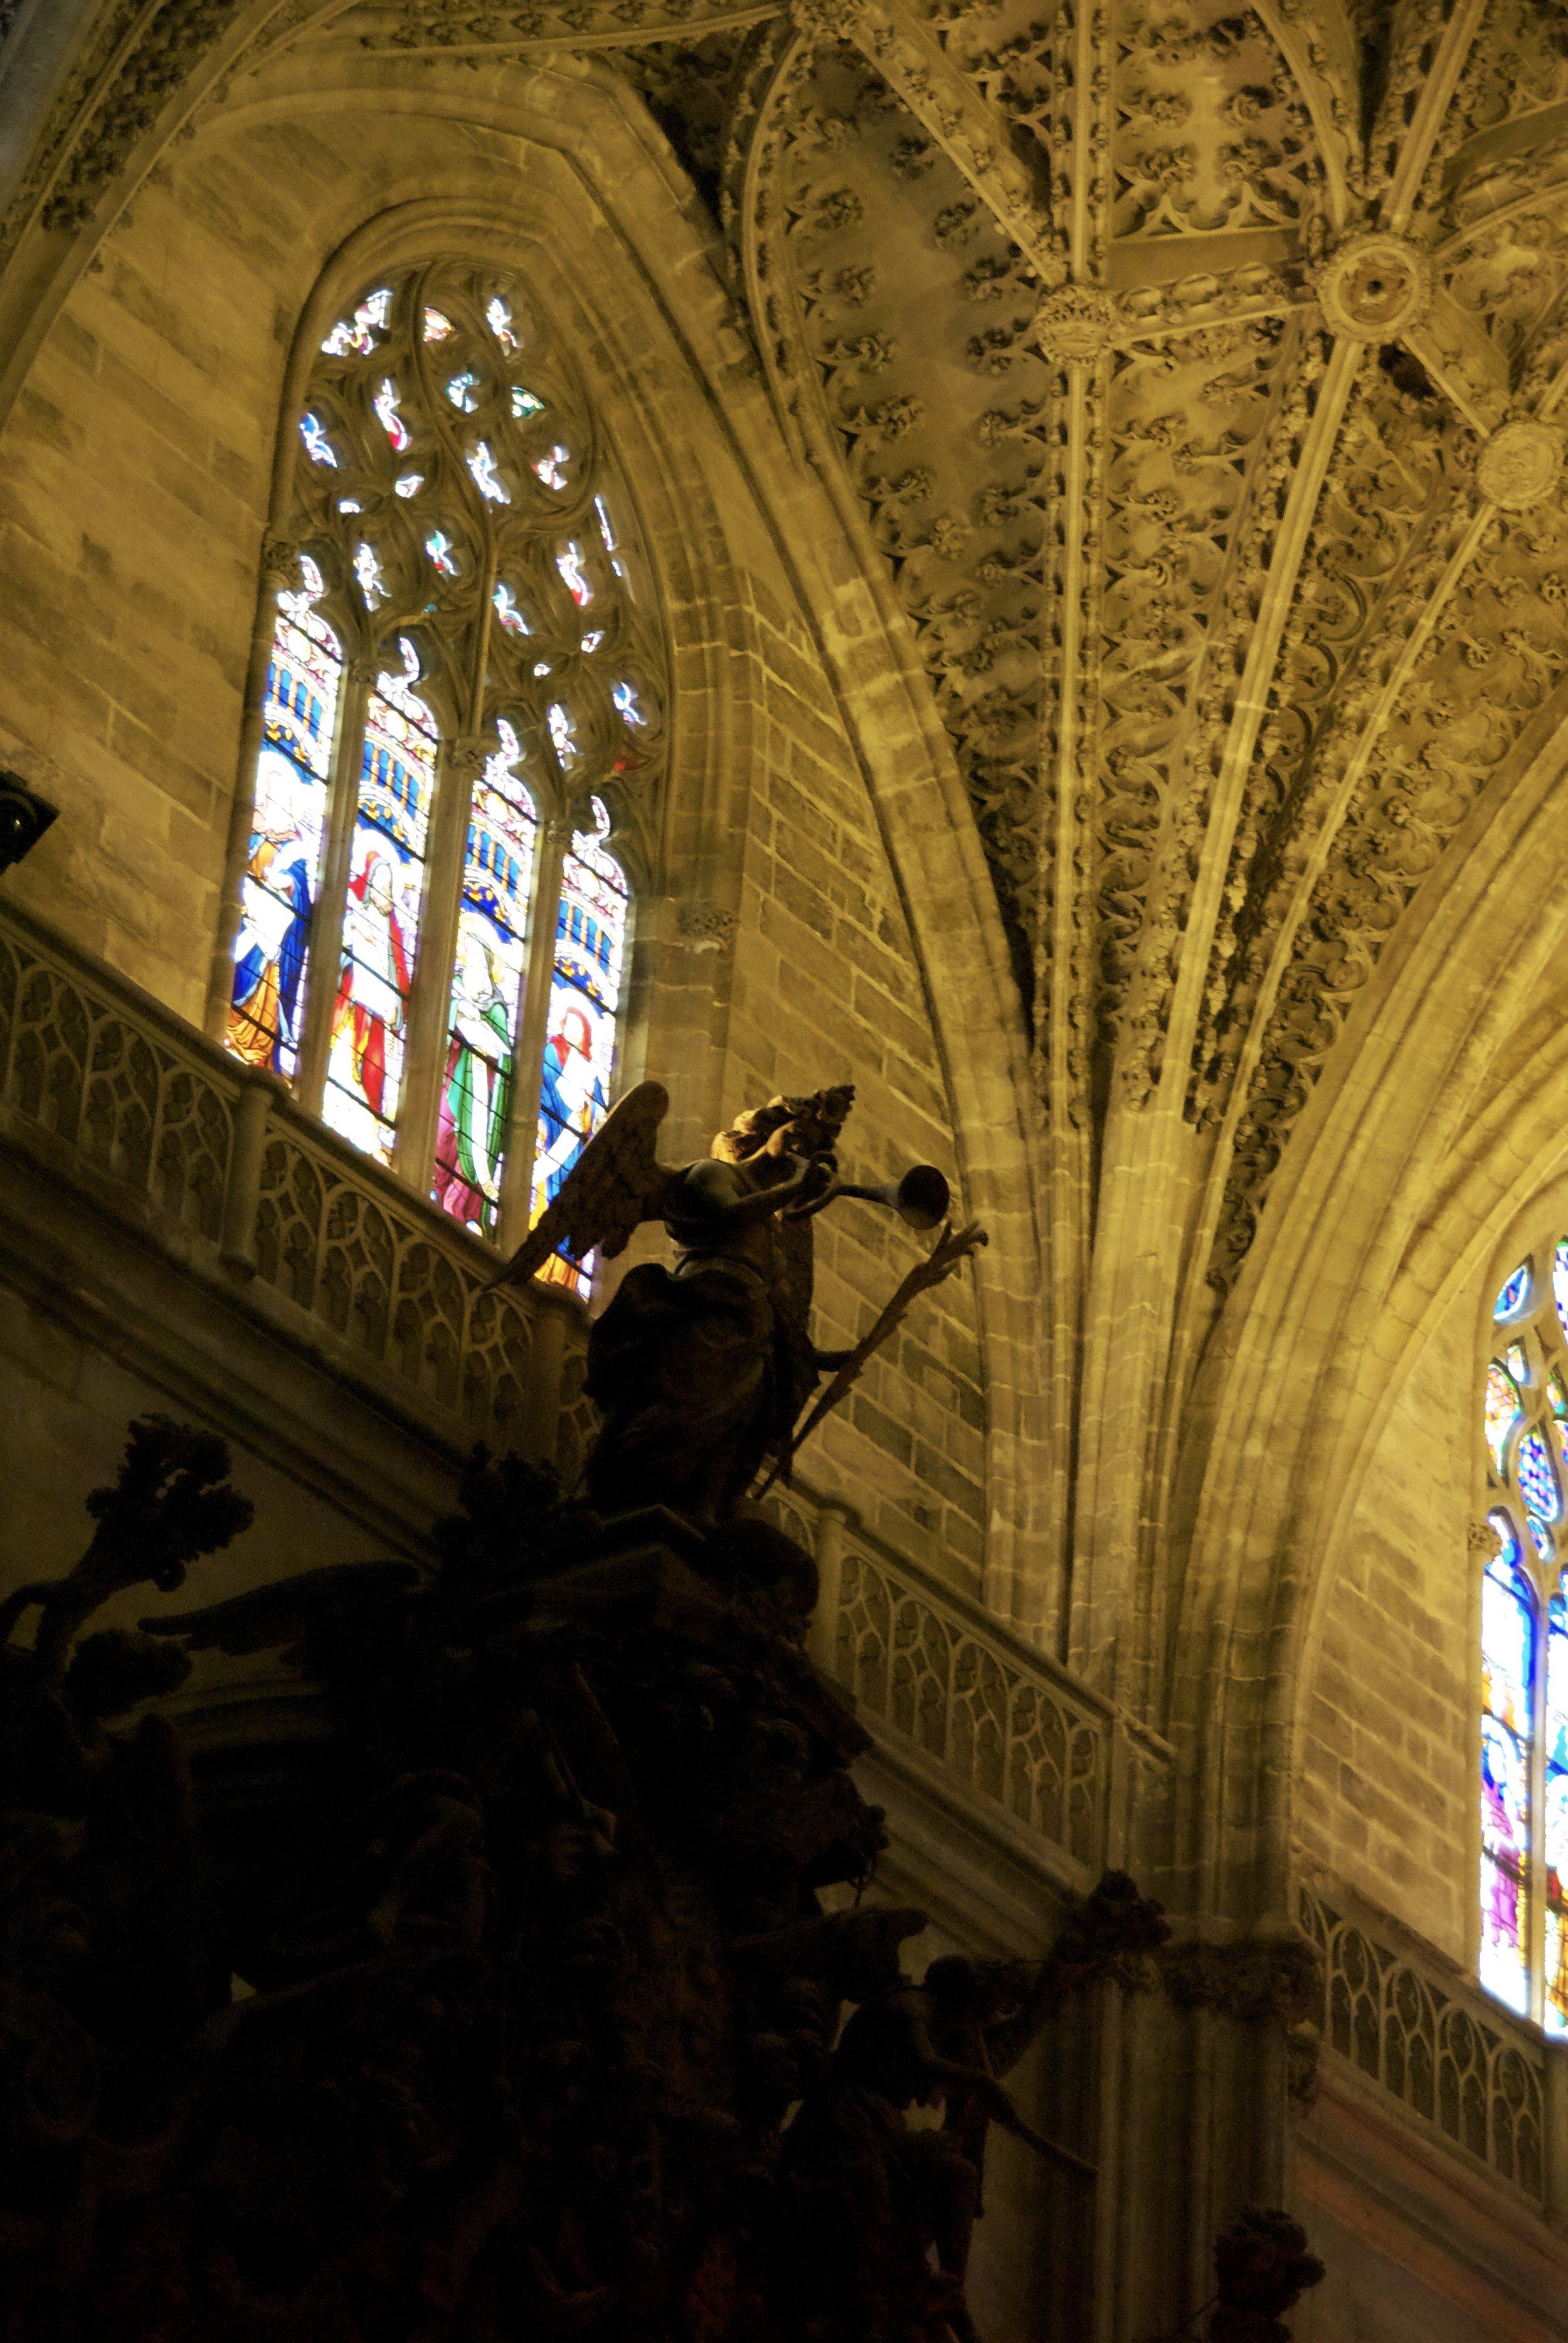 THe Organ at Catedral de Sevilla